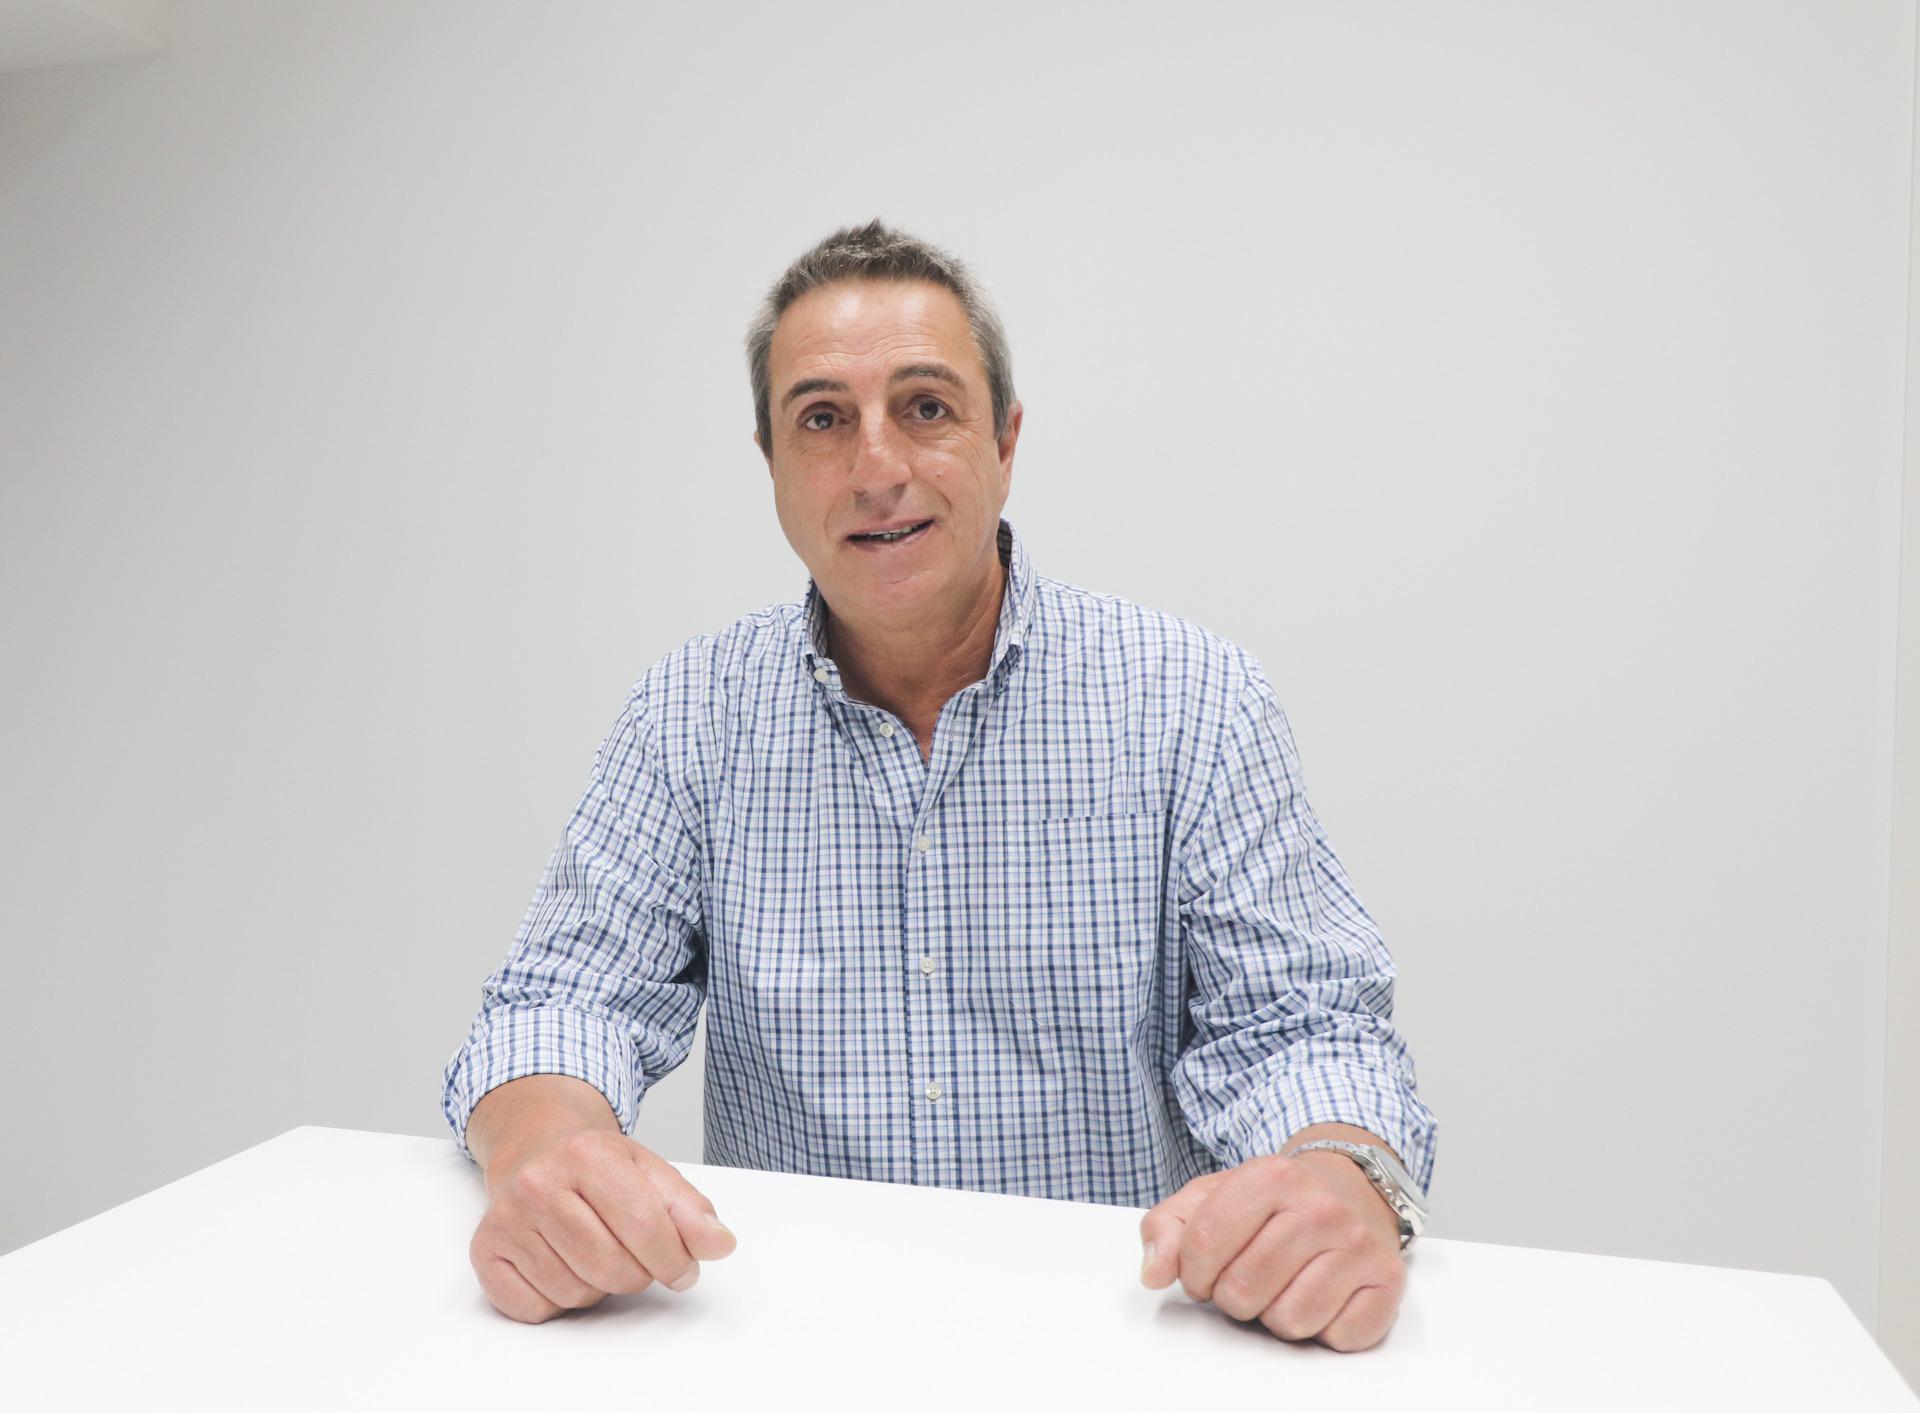 Manuel Bastos